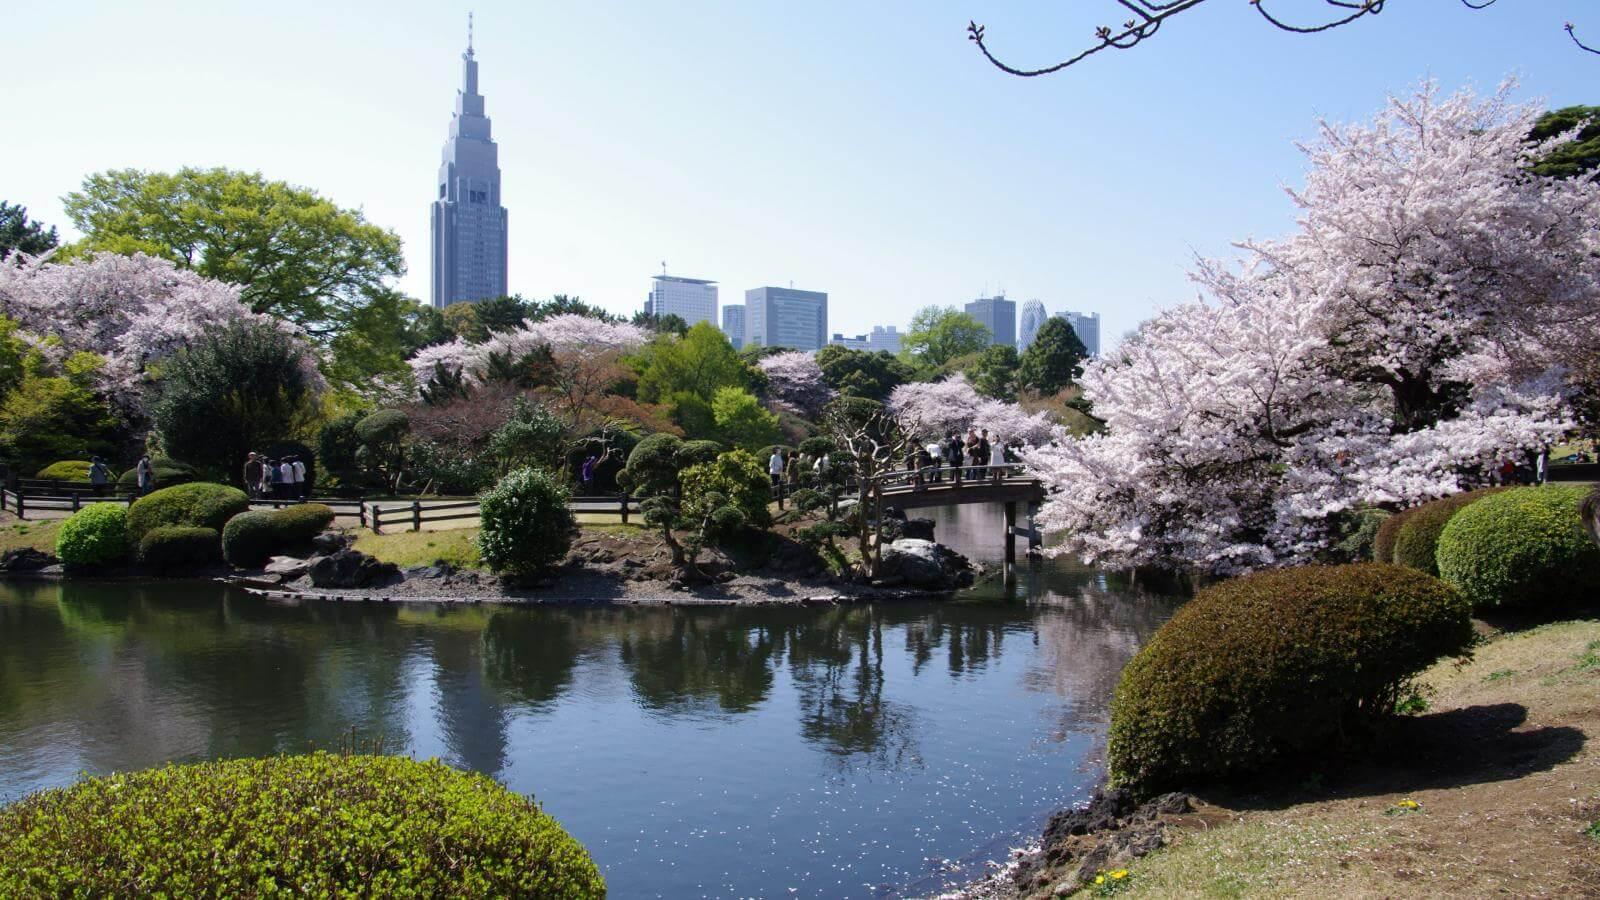 Trải nghiệm mùa hoa anh đào đẹp nhất ở công viên Shinjuku Gyoen